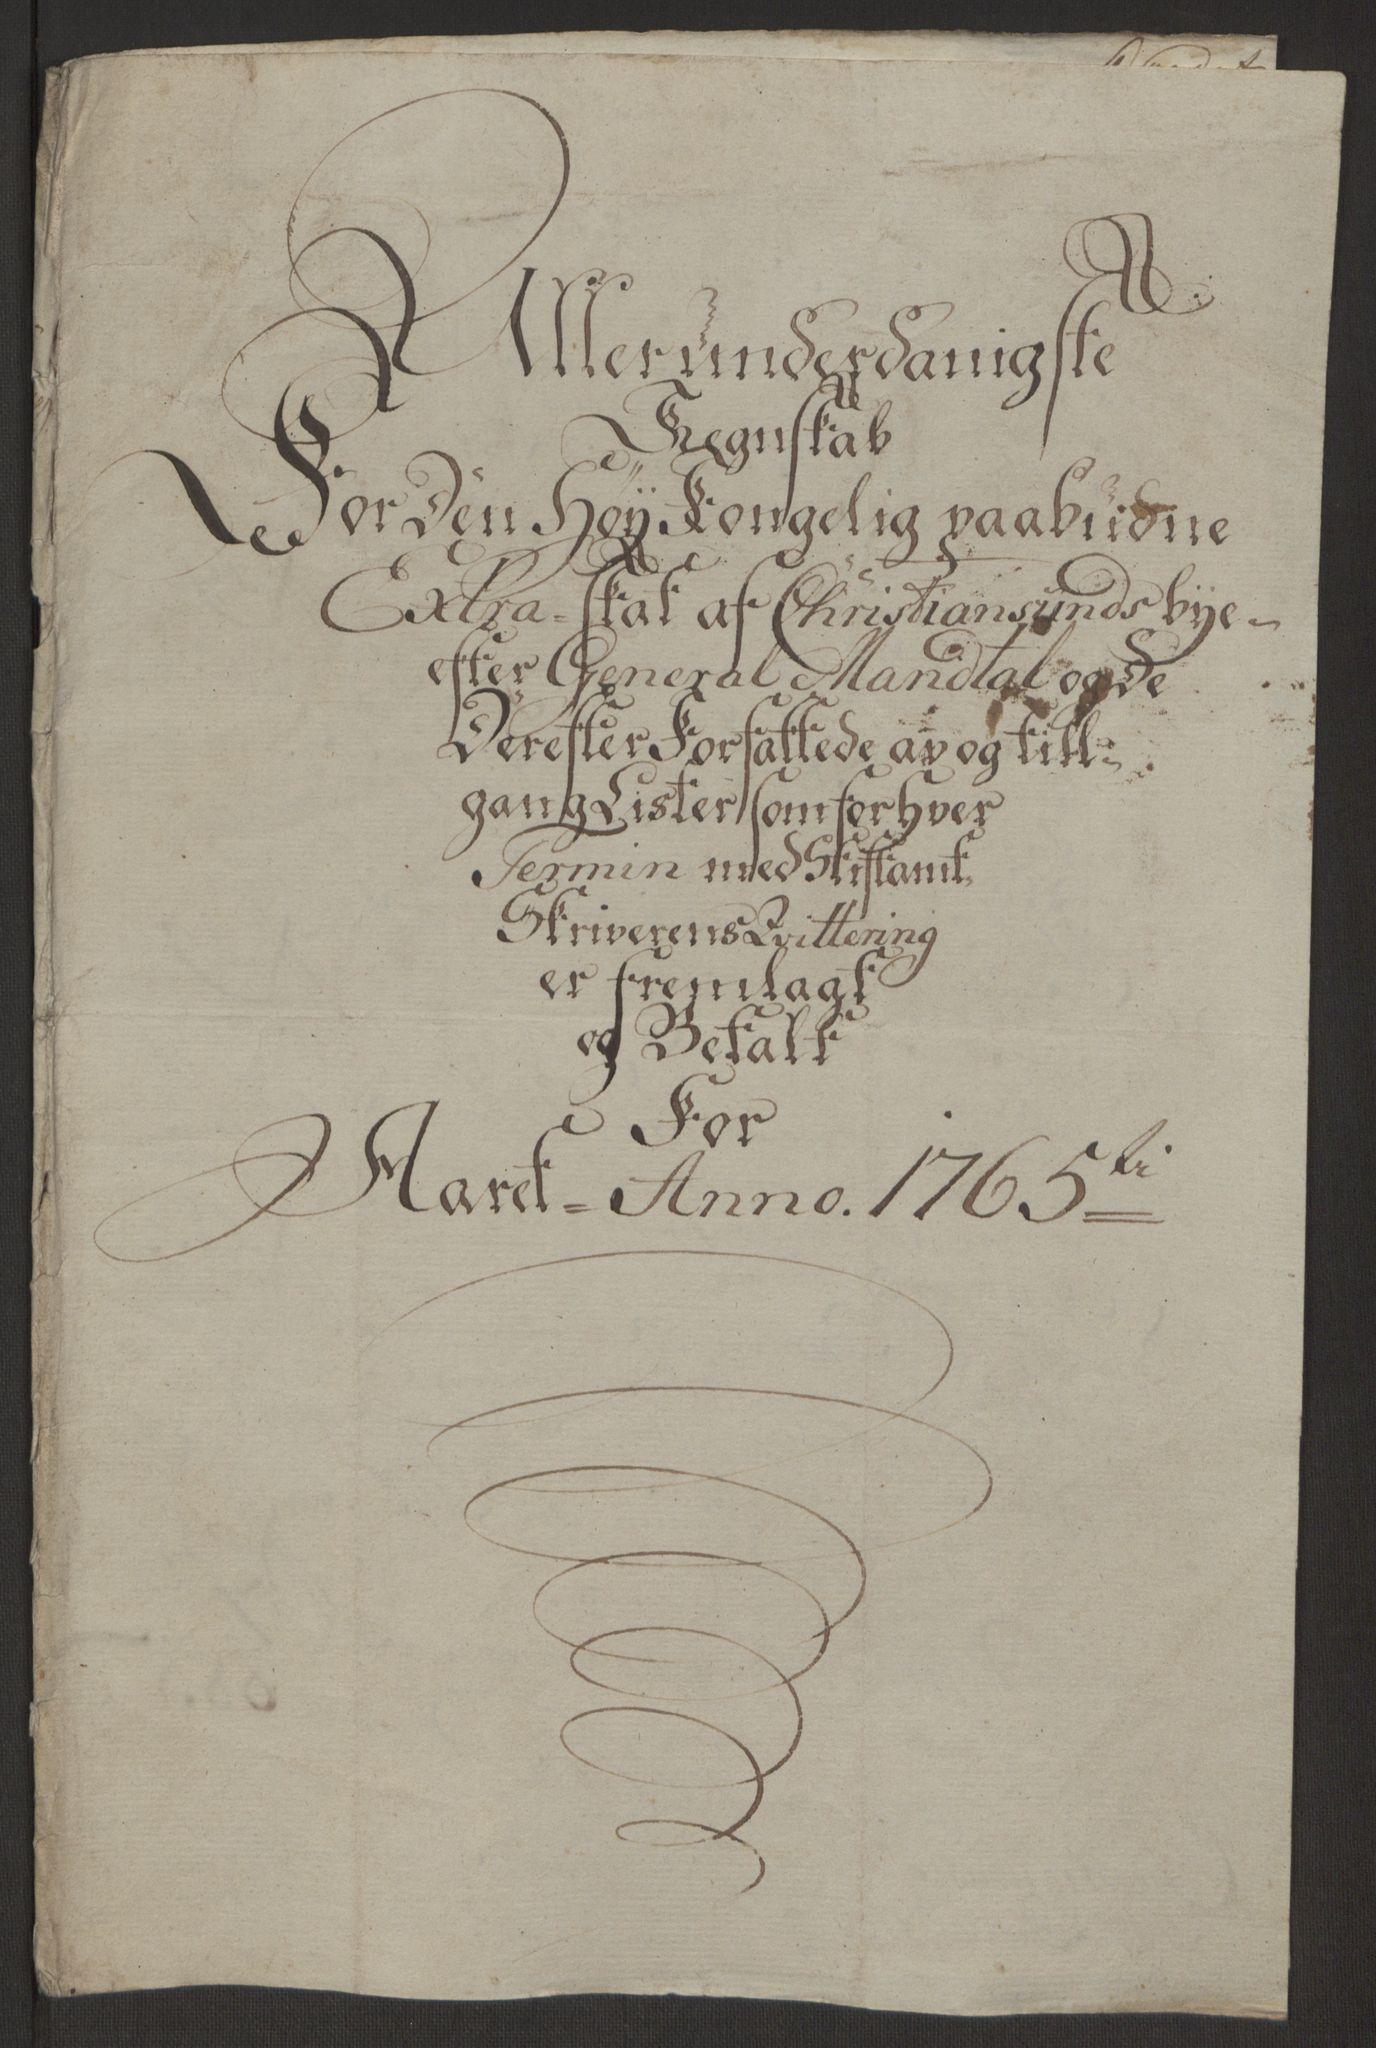 RA, Rentekammeret inntil 1814, Reviderte regnskaper, Byregnskaper, R/Rr/L0495: [R1] Kontribusjonsregnskap, 1762-1772, s. 55